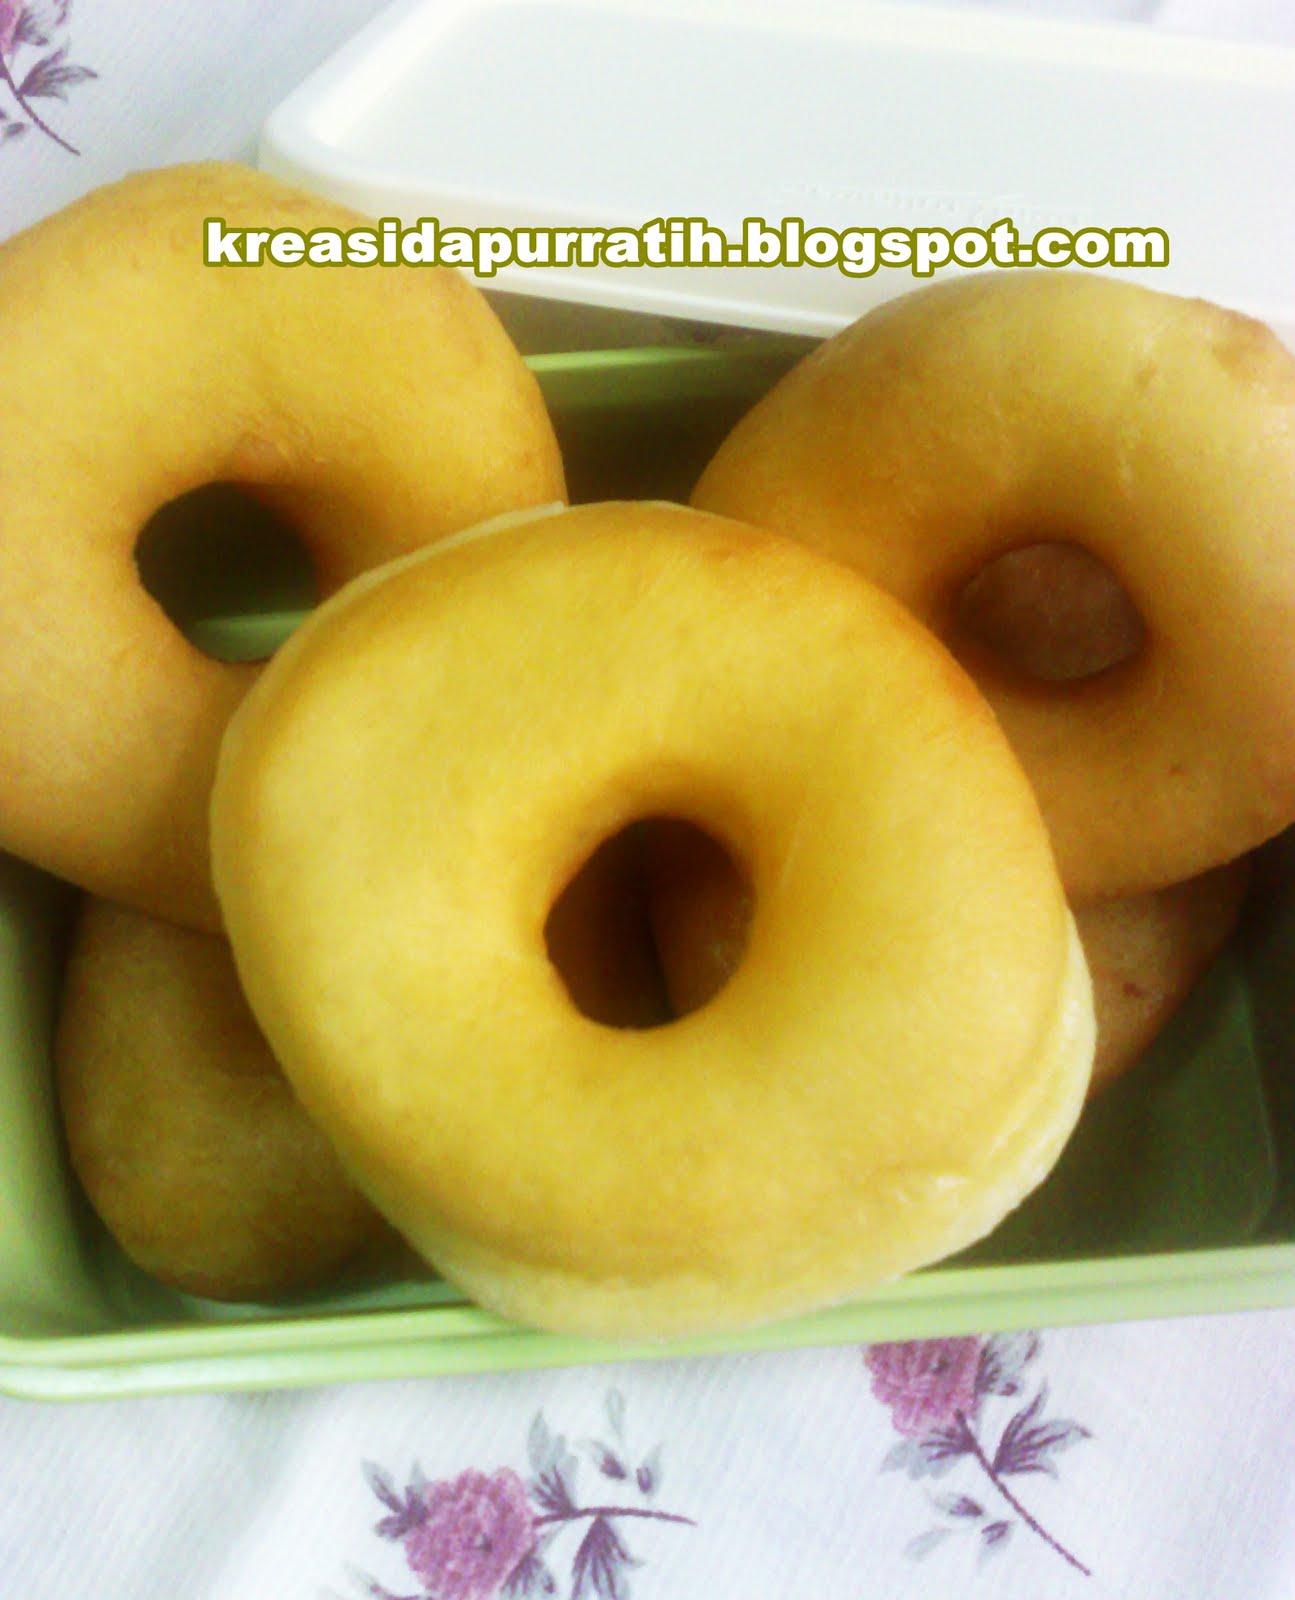 Kreasi Dapur Ratih